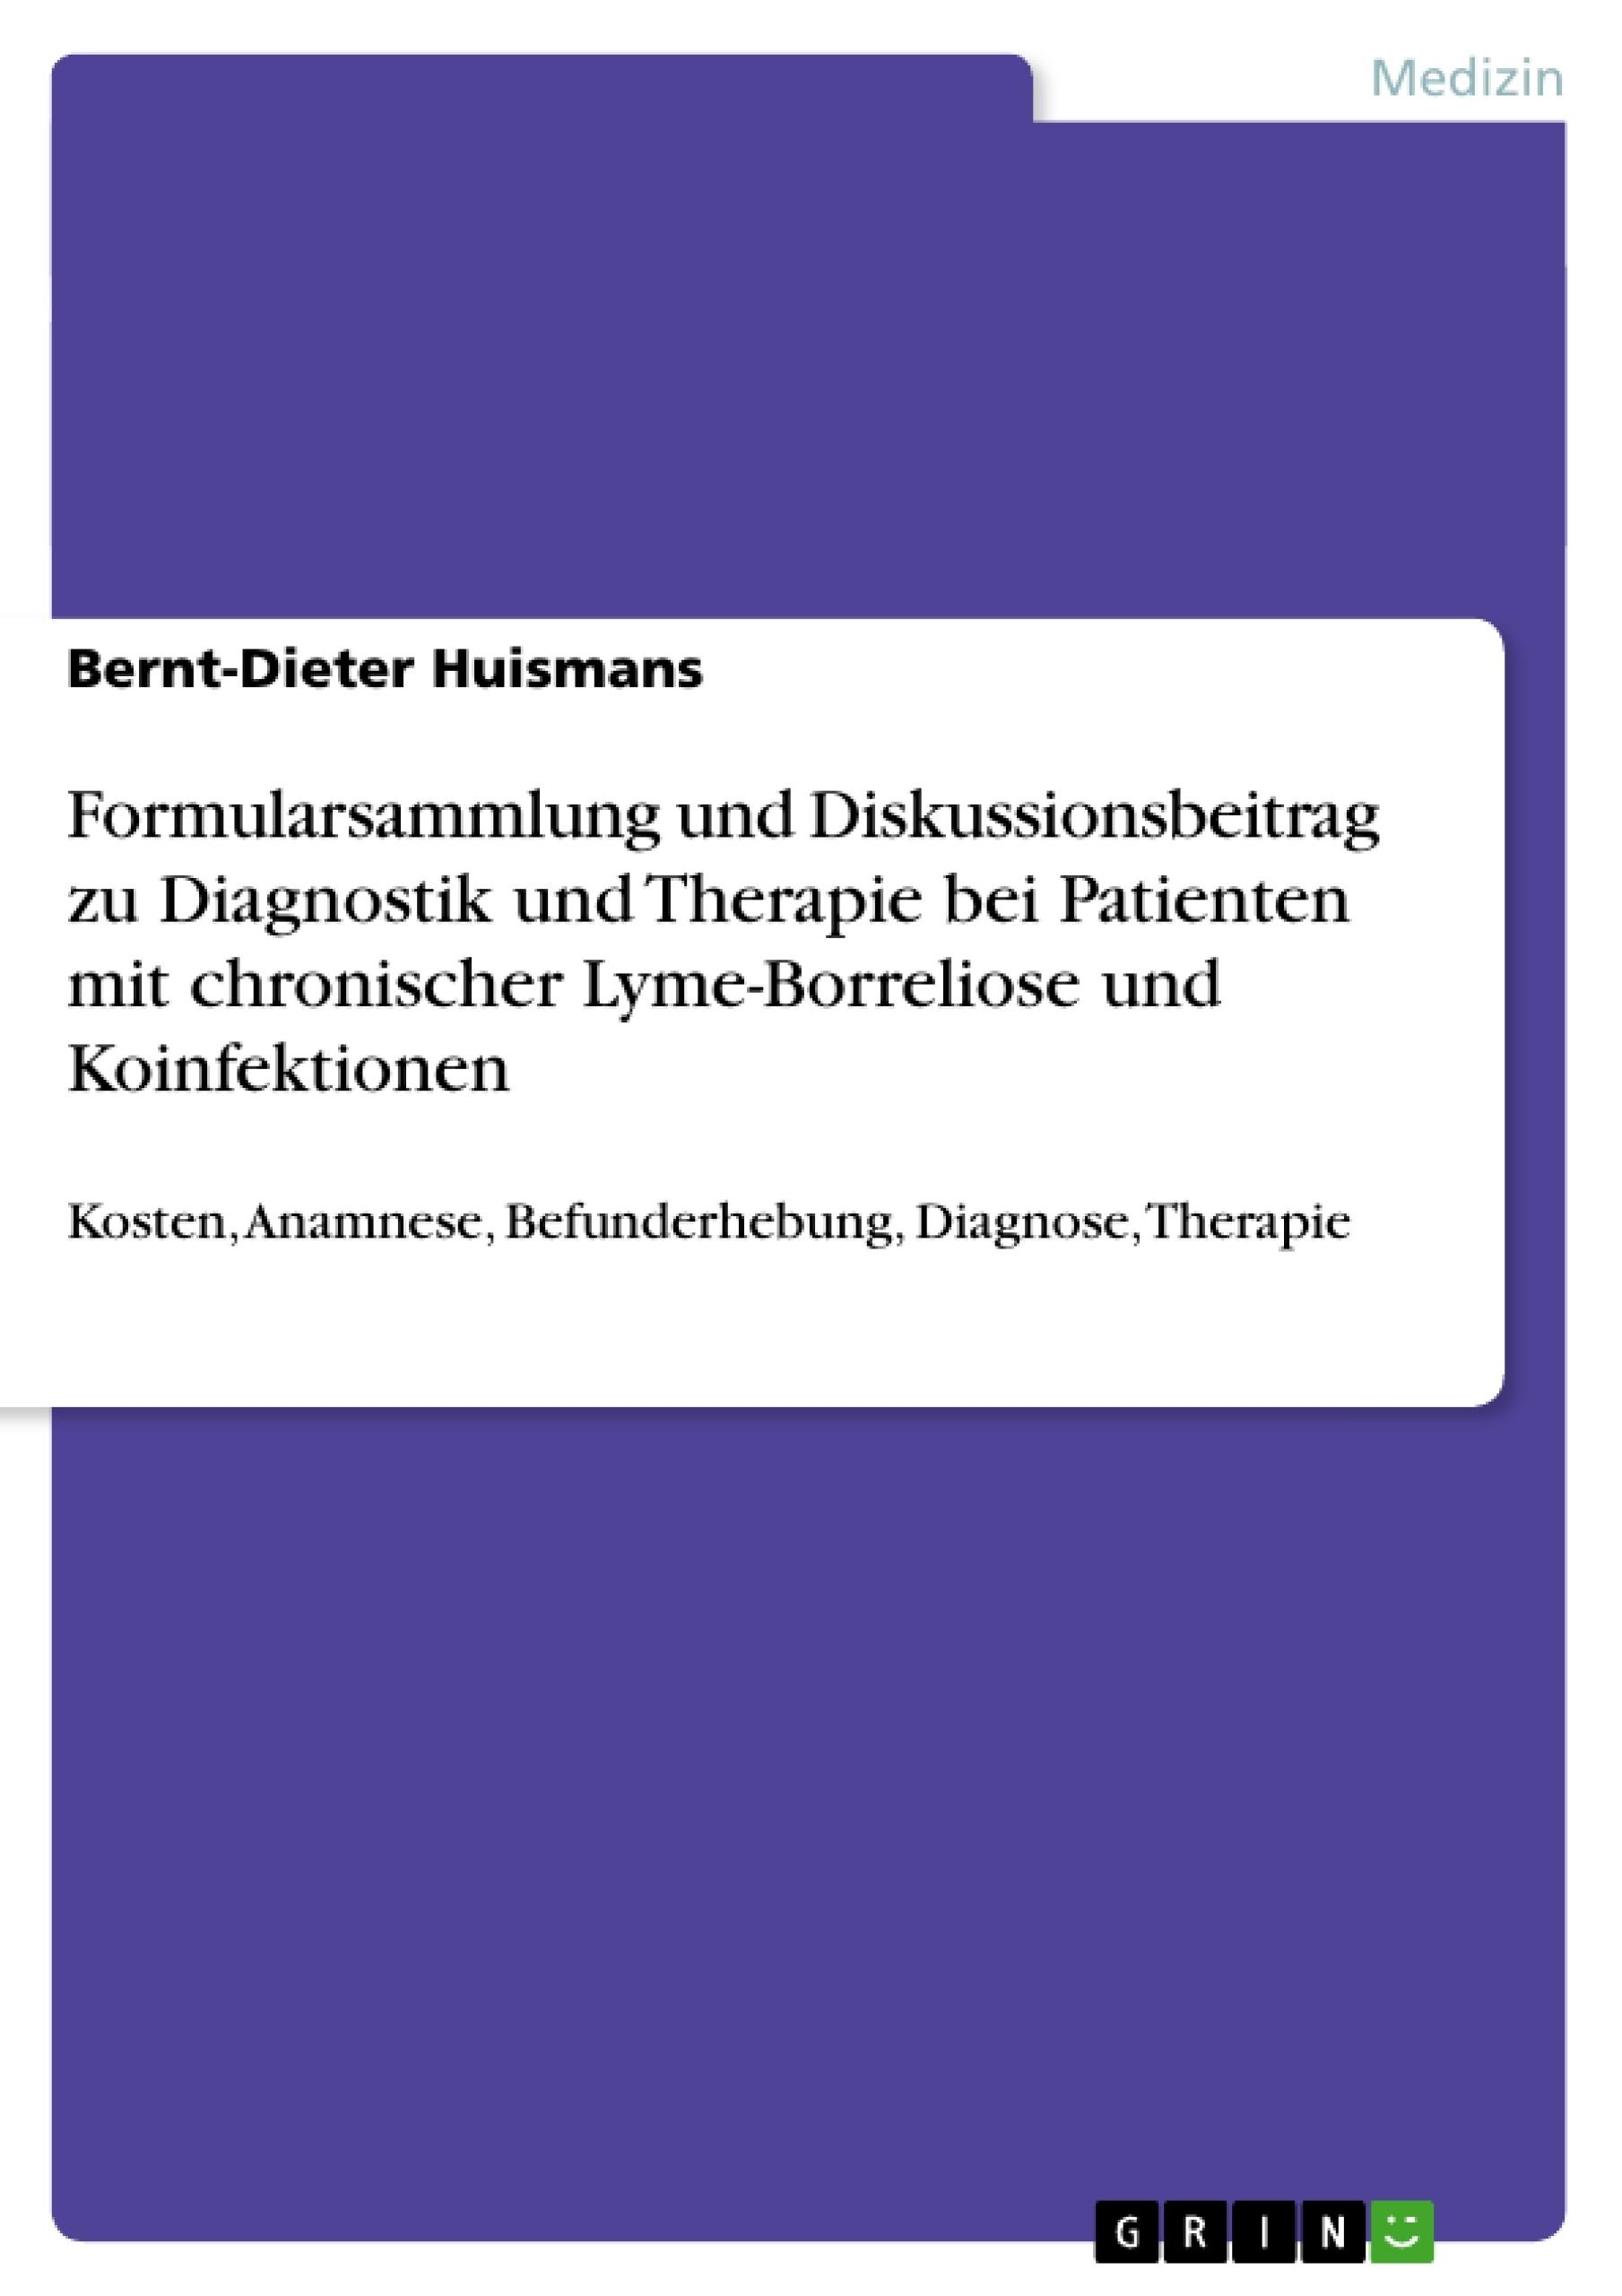 Titel: Formularsammlung und Diskussionsbeitrag zu Diagnostik und Therapie bei Patienten mit chronischer Lyme-Borreliose und Koinfektionen